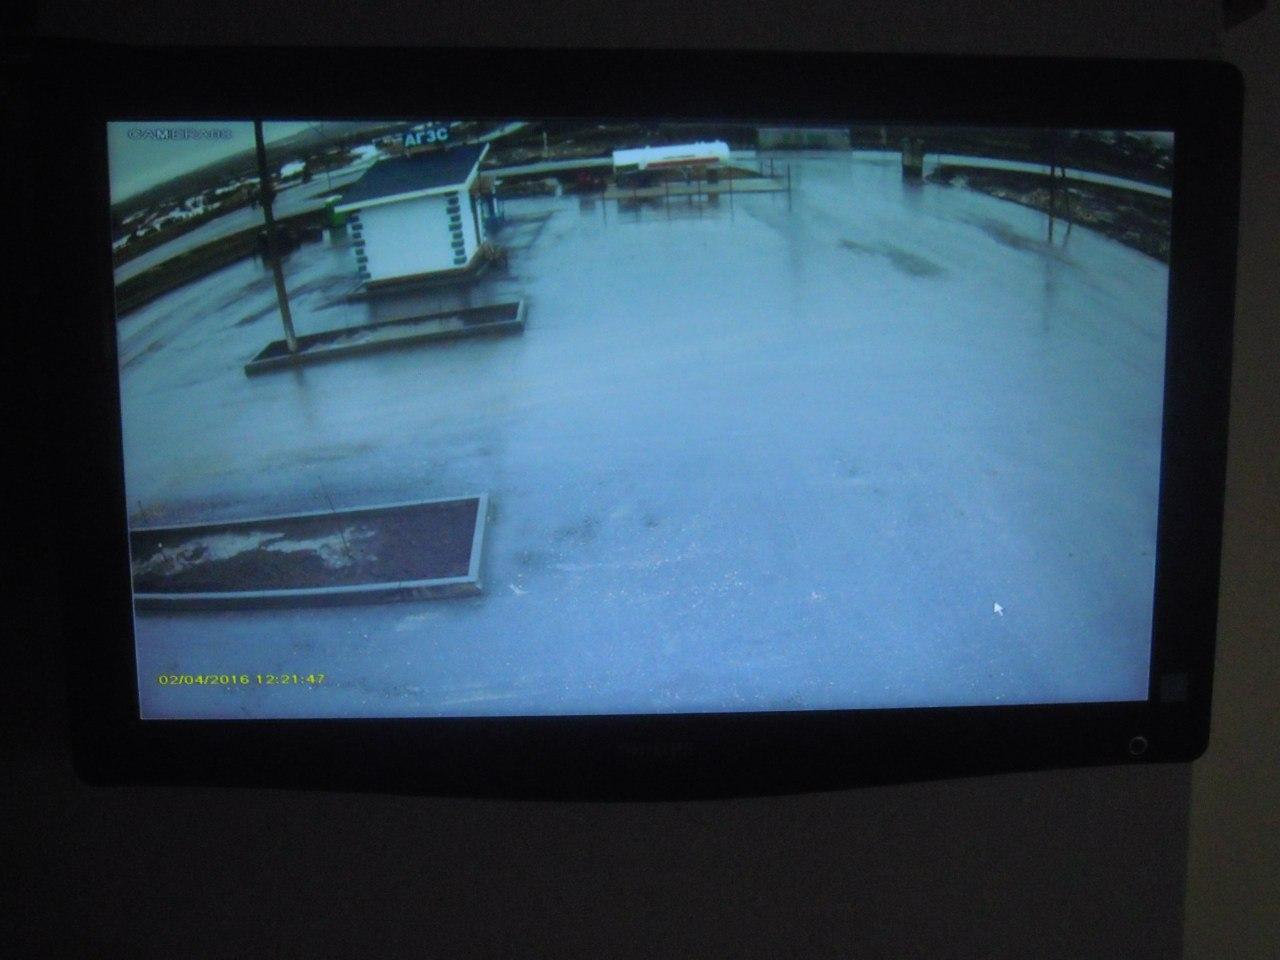 Видеонаблюдение для стоянки грузовиков